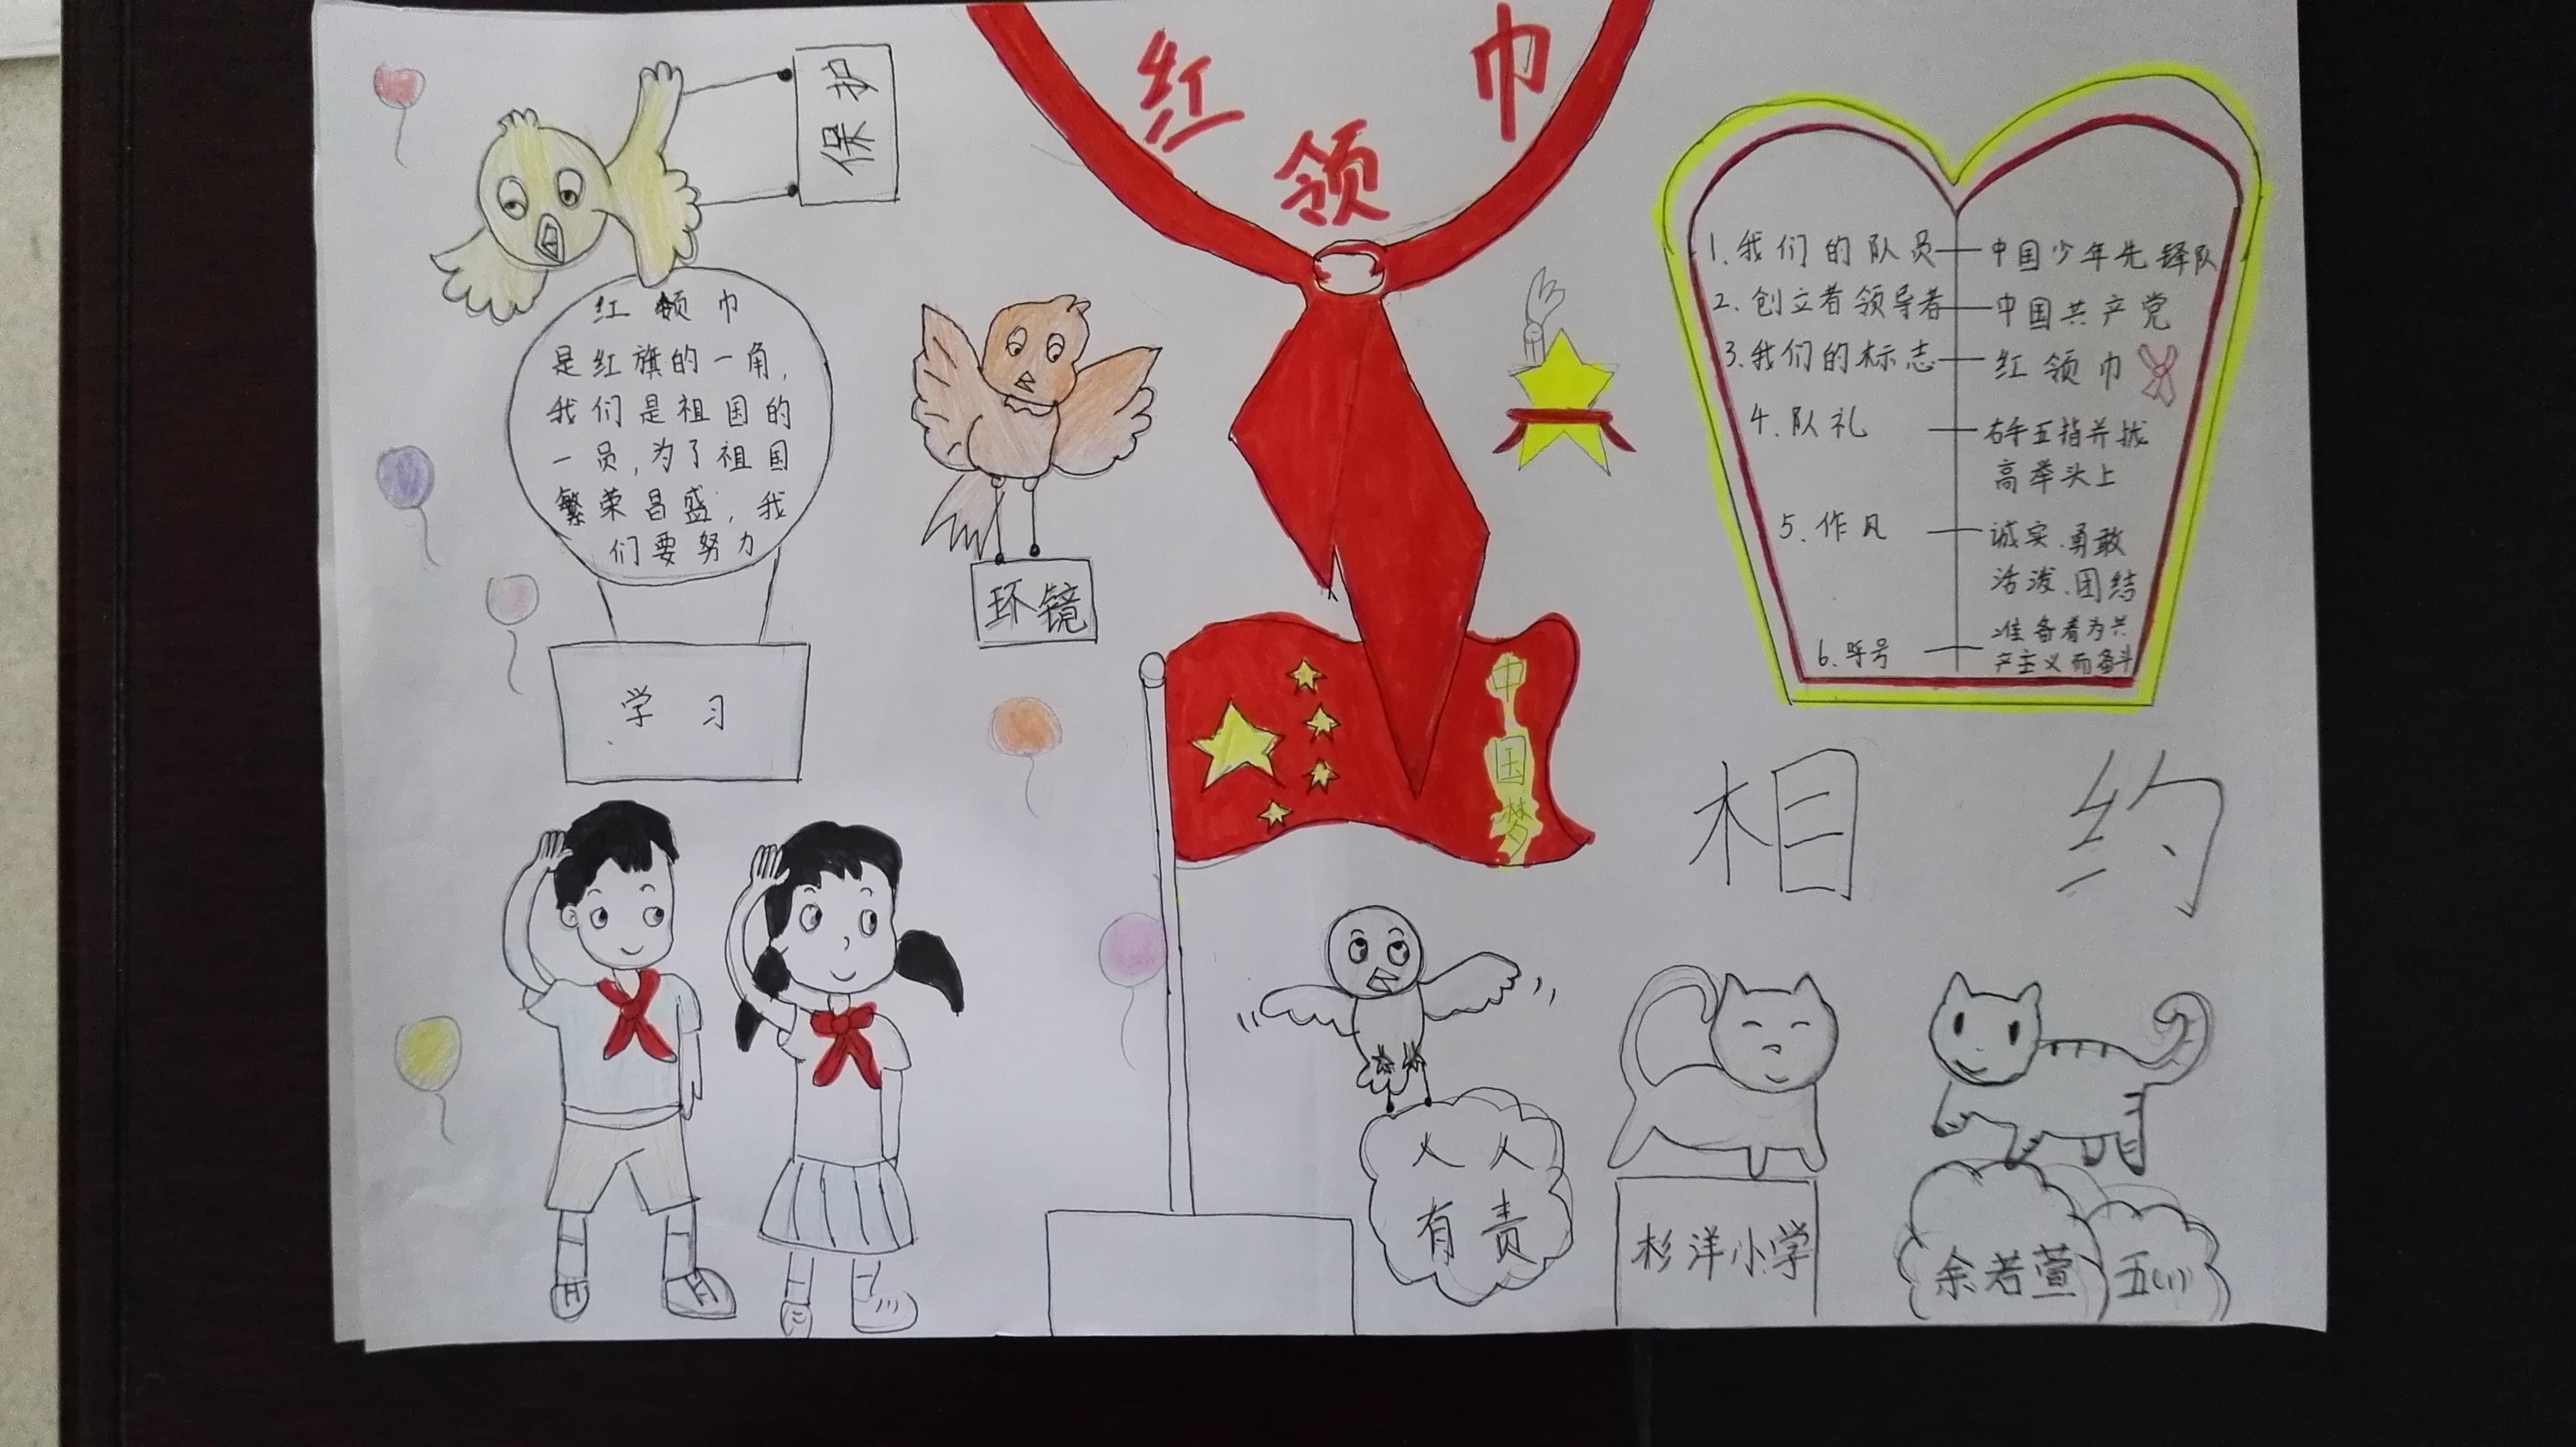 红领巾相约中国梦手抄报 - 儿童节创意游戏设计